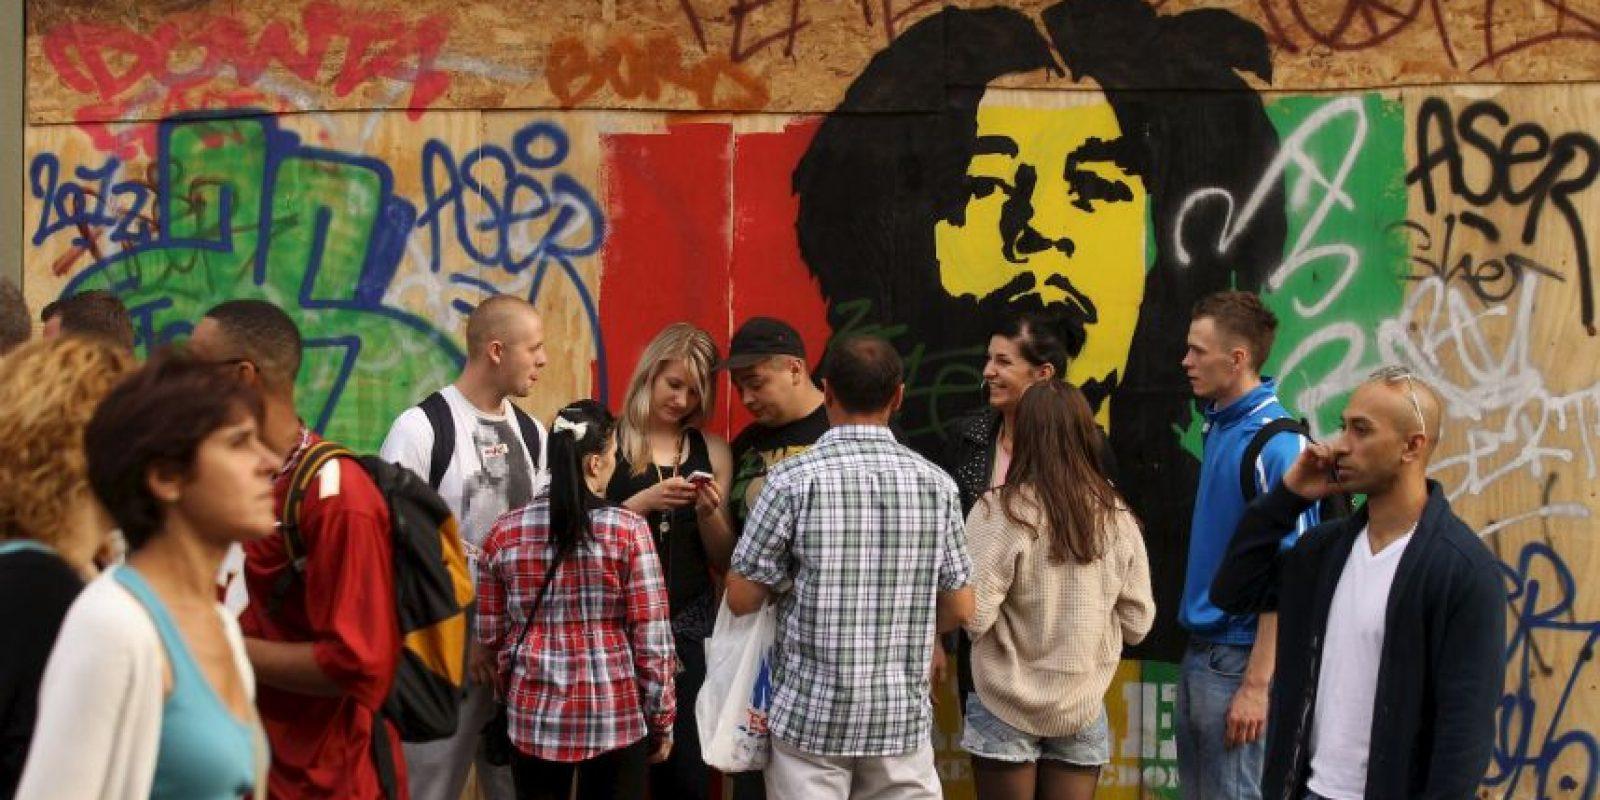 Otro de los cambios que se esperan, es la mayor tolerancia policial, particularmente en barrios como Trench Town, donde vivió Bob Marley, un sitio icónico para los miles de turistas que arriba allí cada año. Foto:Getty Images